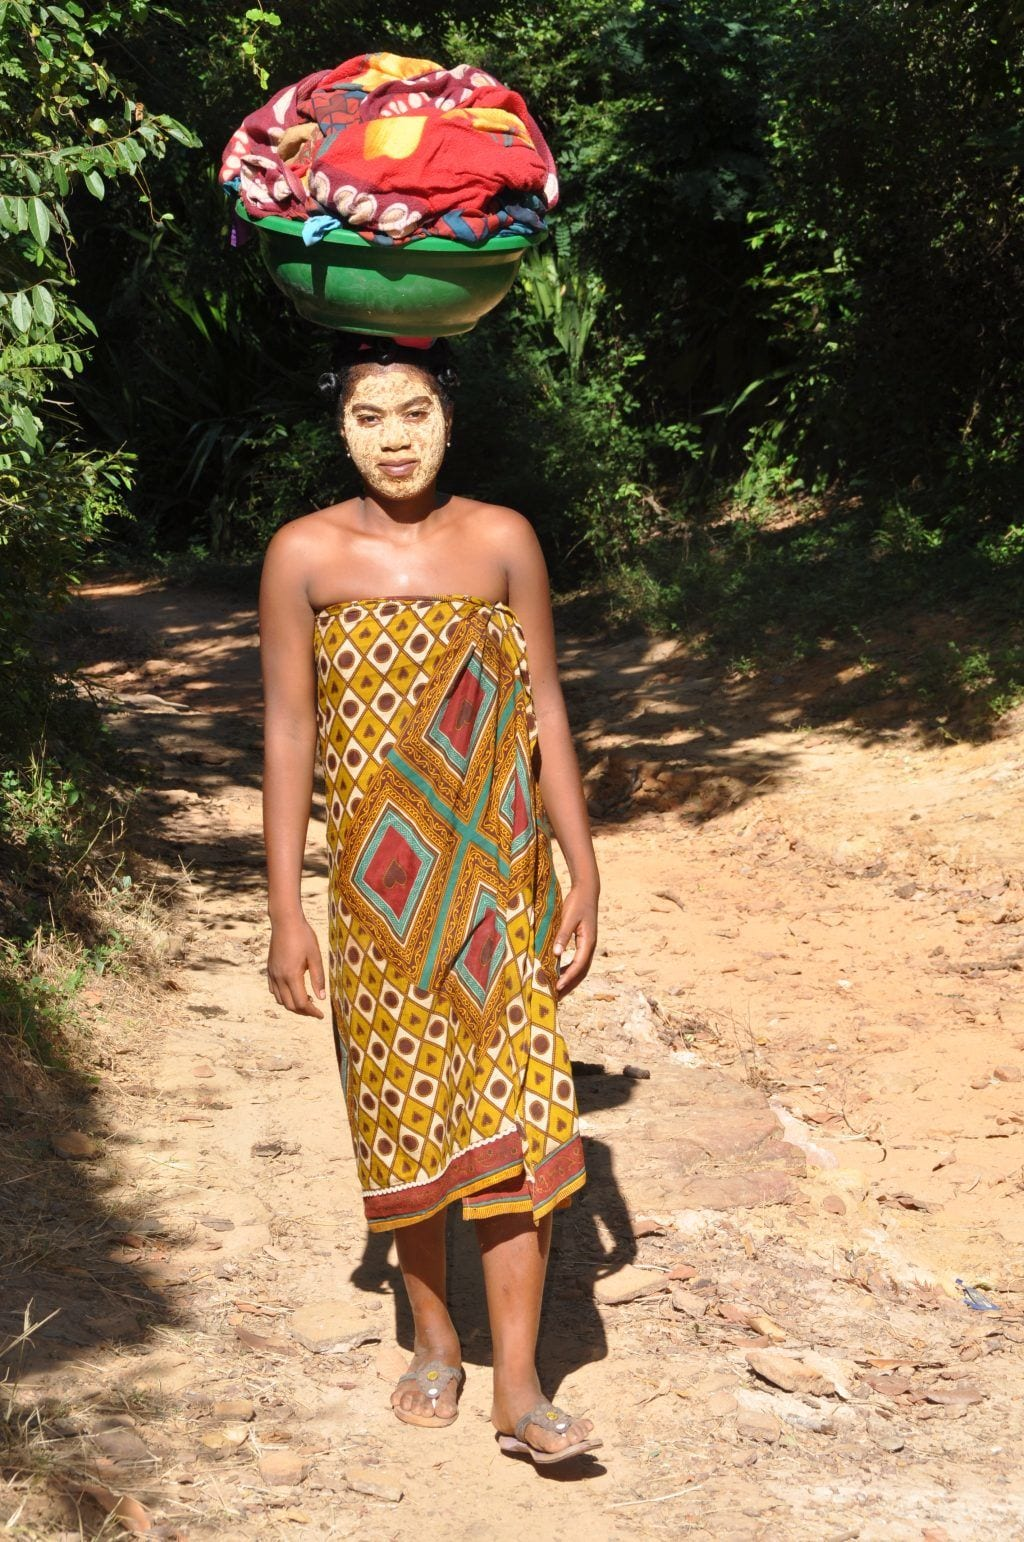 Madagaskar-rejse - kvinde kultur natur - rejser - landsbyboere